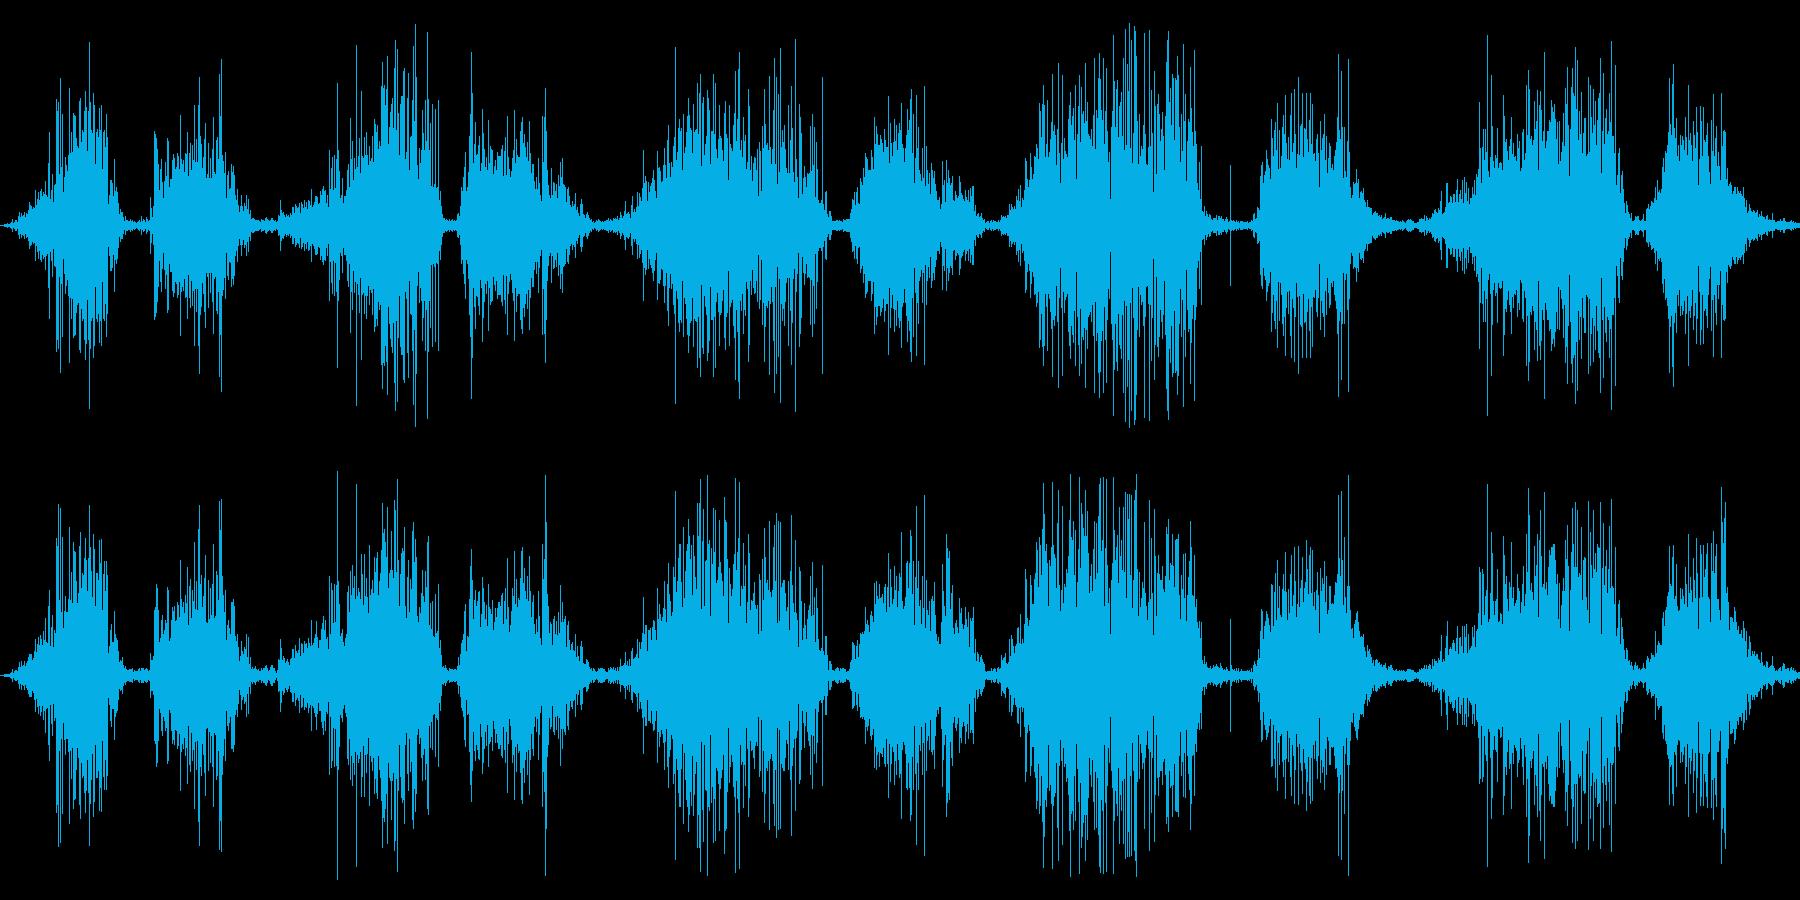 ベルベット:短いのこぎり傷の再生済みの波形